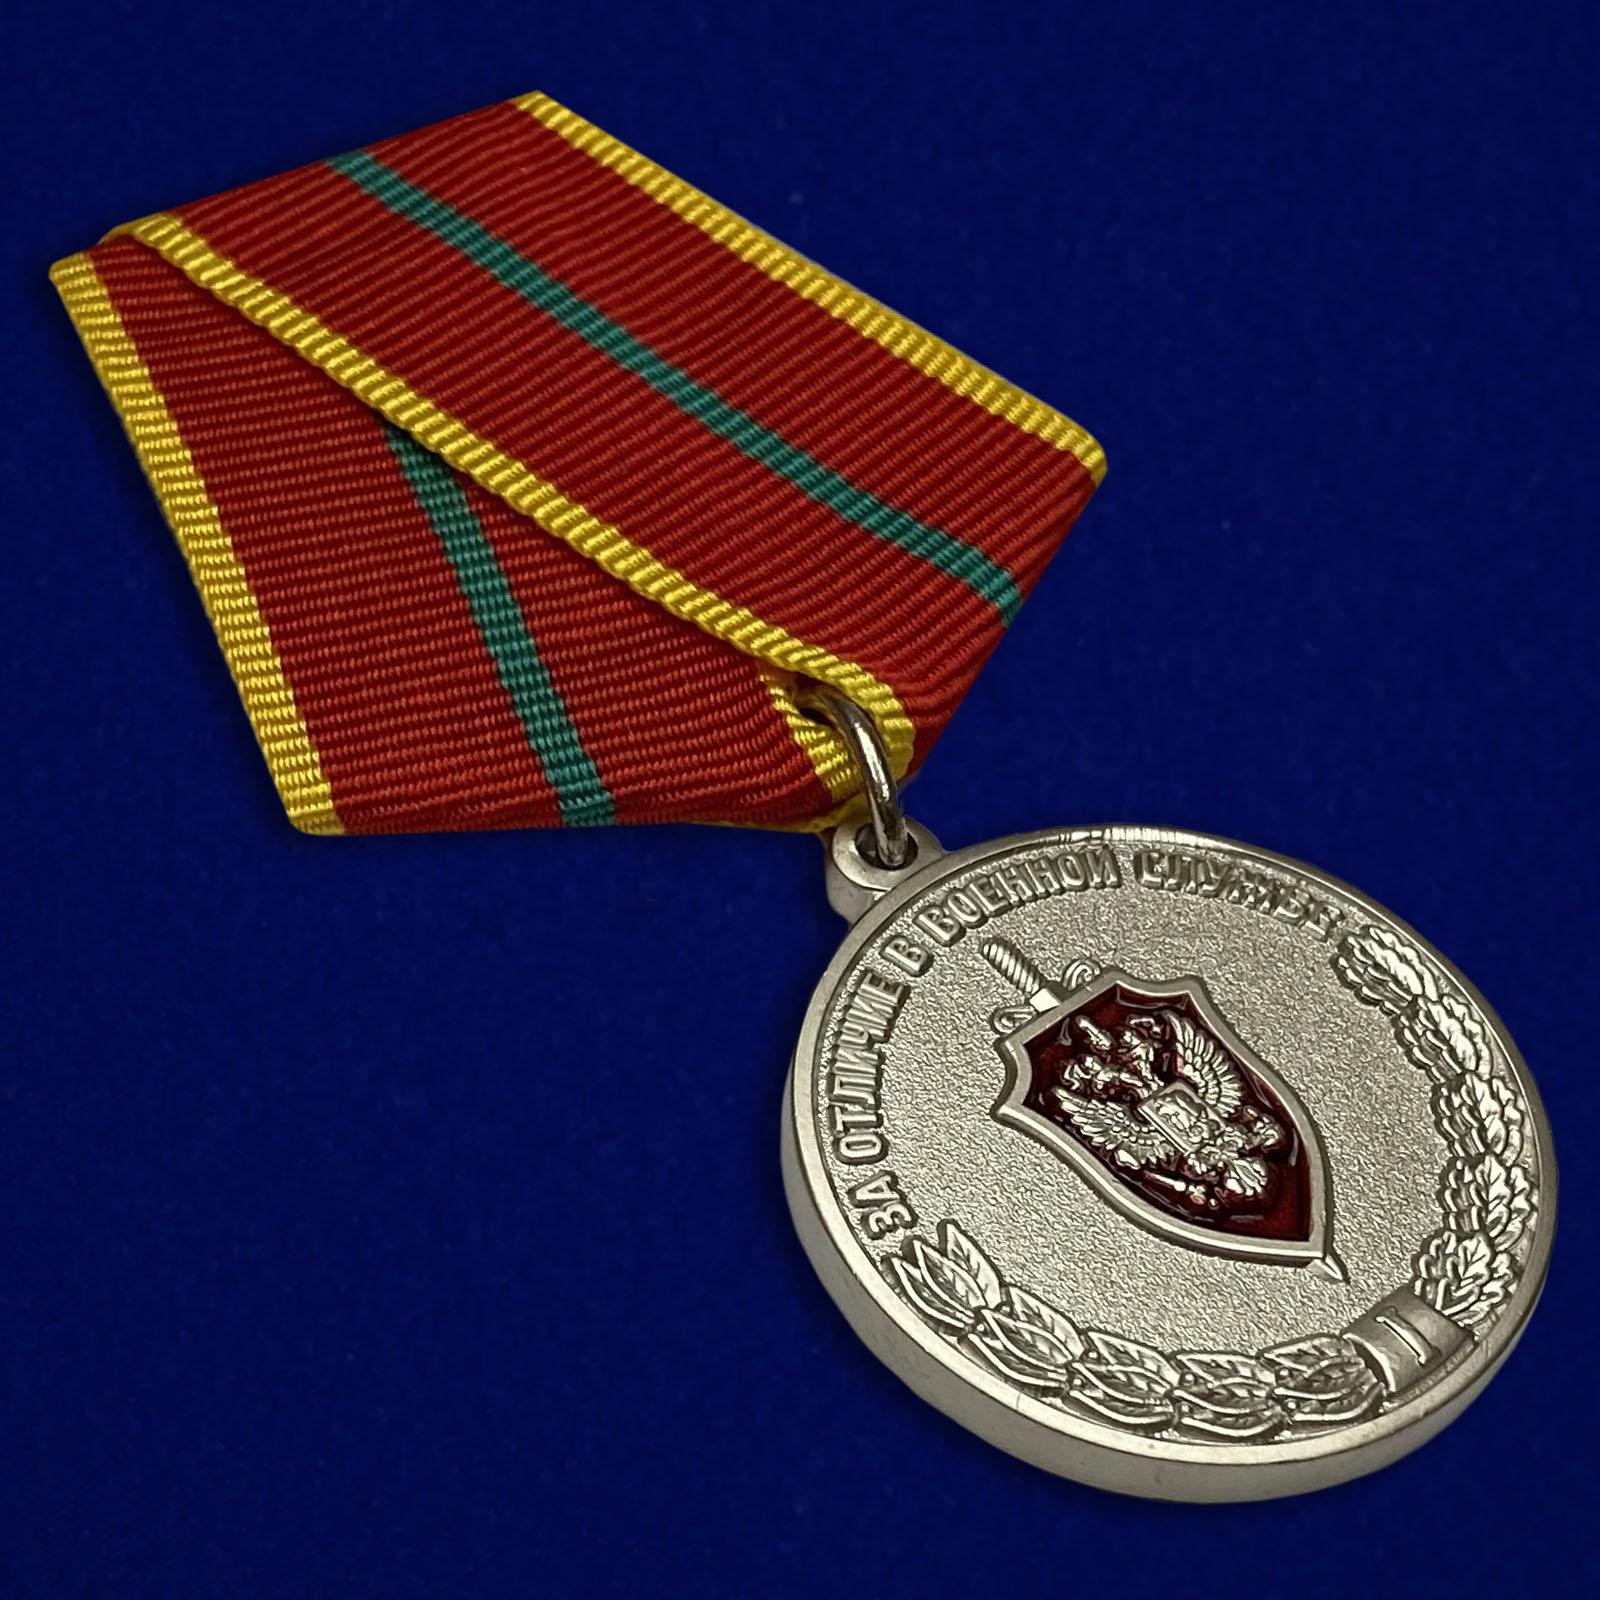 """Медаль """"За отличие в военной службе"""" (ФСБ) I степени - общий вид"""